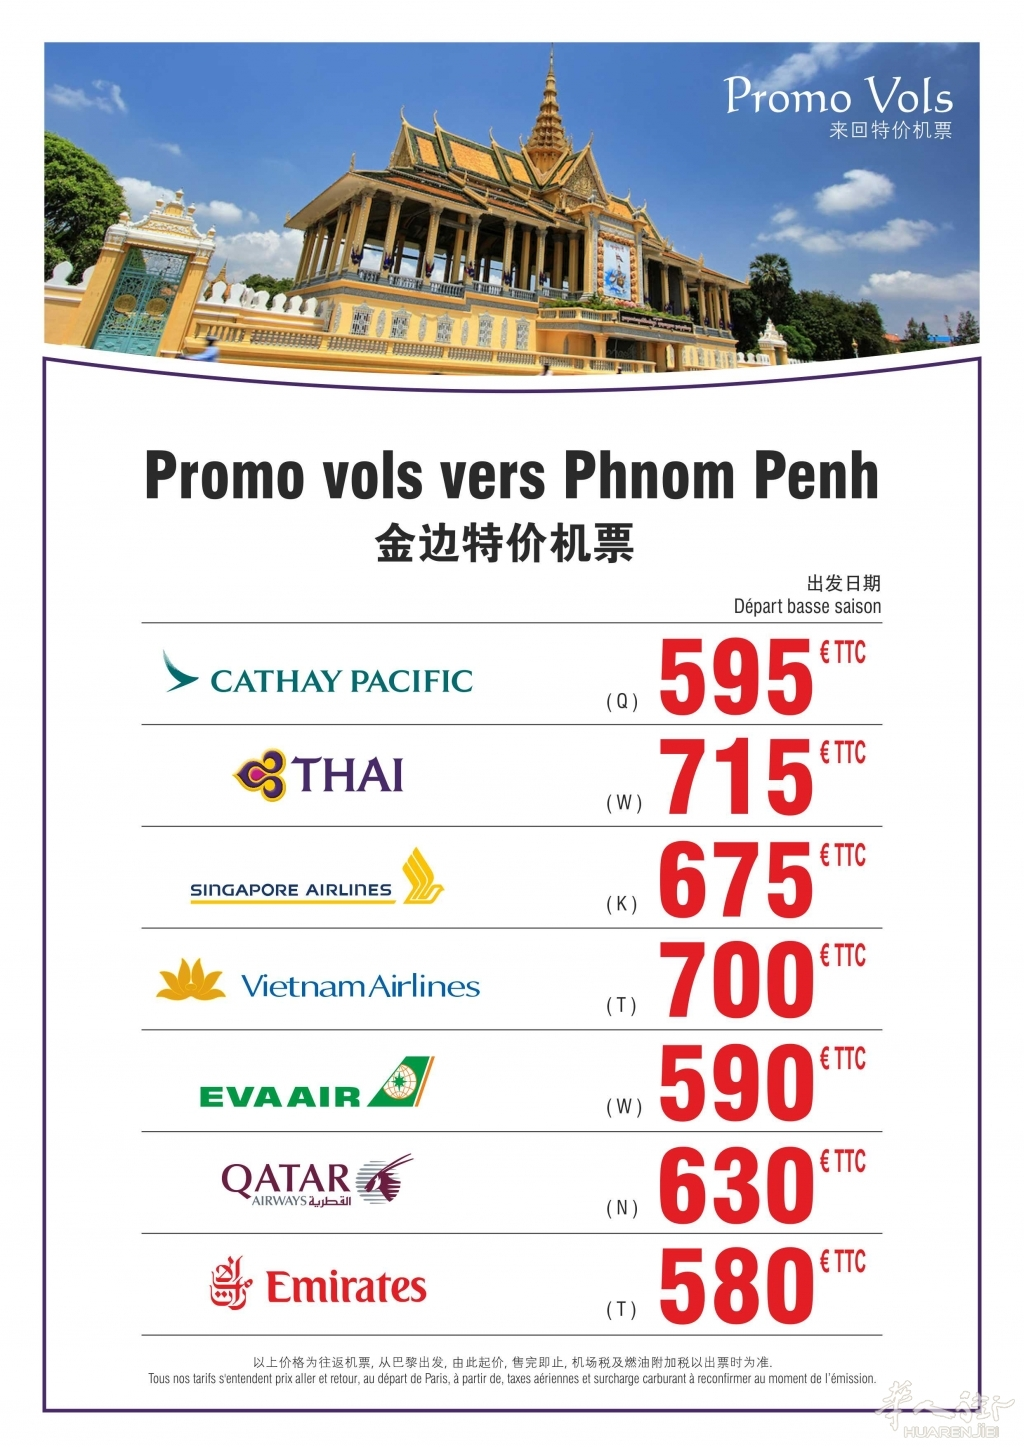 aff vol phnom penh-24-01-2018-v01.jpg